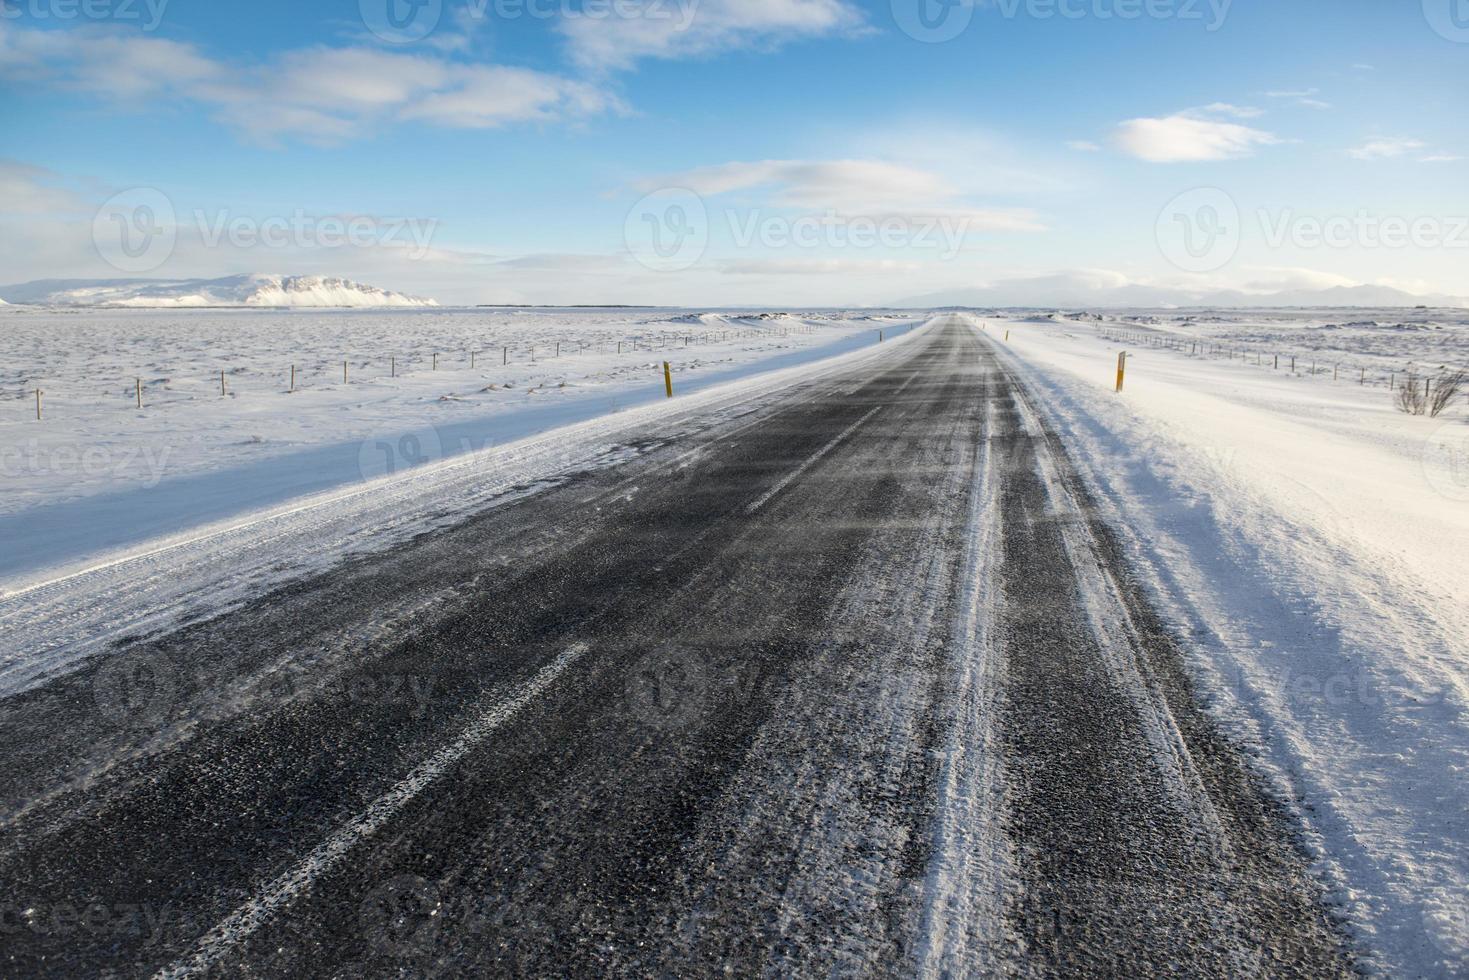 Carretera asfaltada de invierno cubierto de nieve, Islandia foto